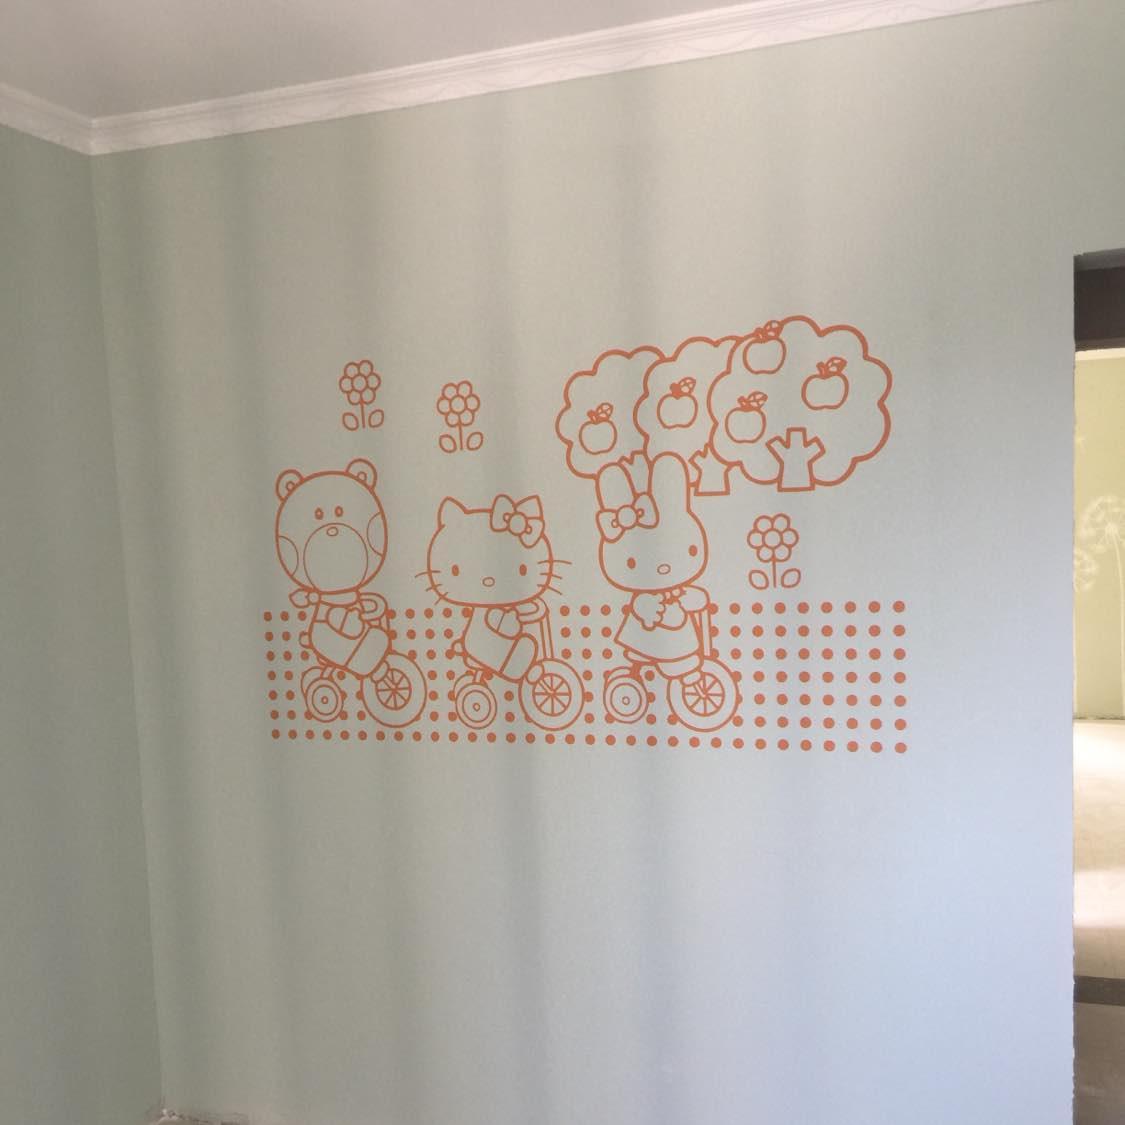 可爱的儿童墙竣工满意